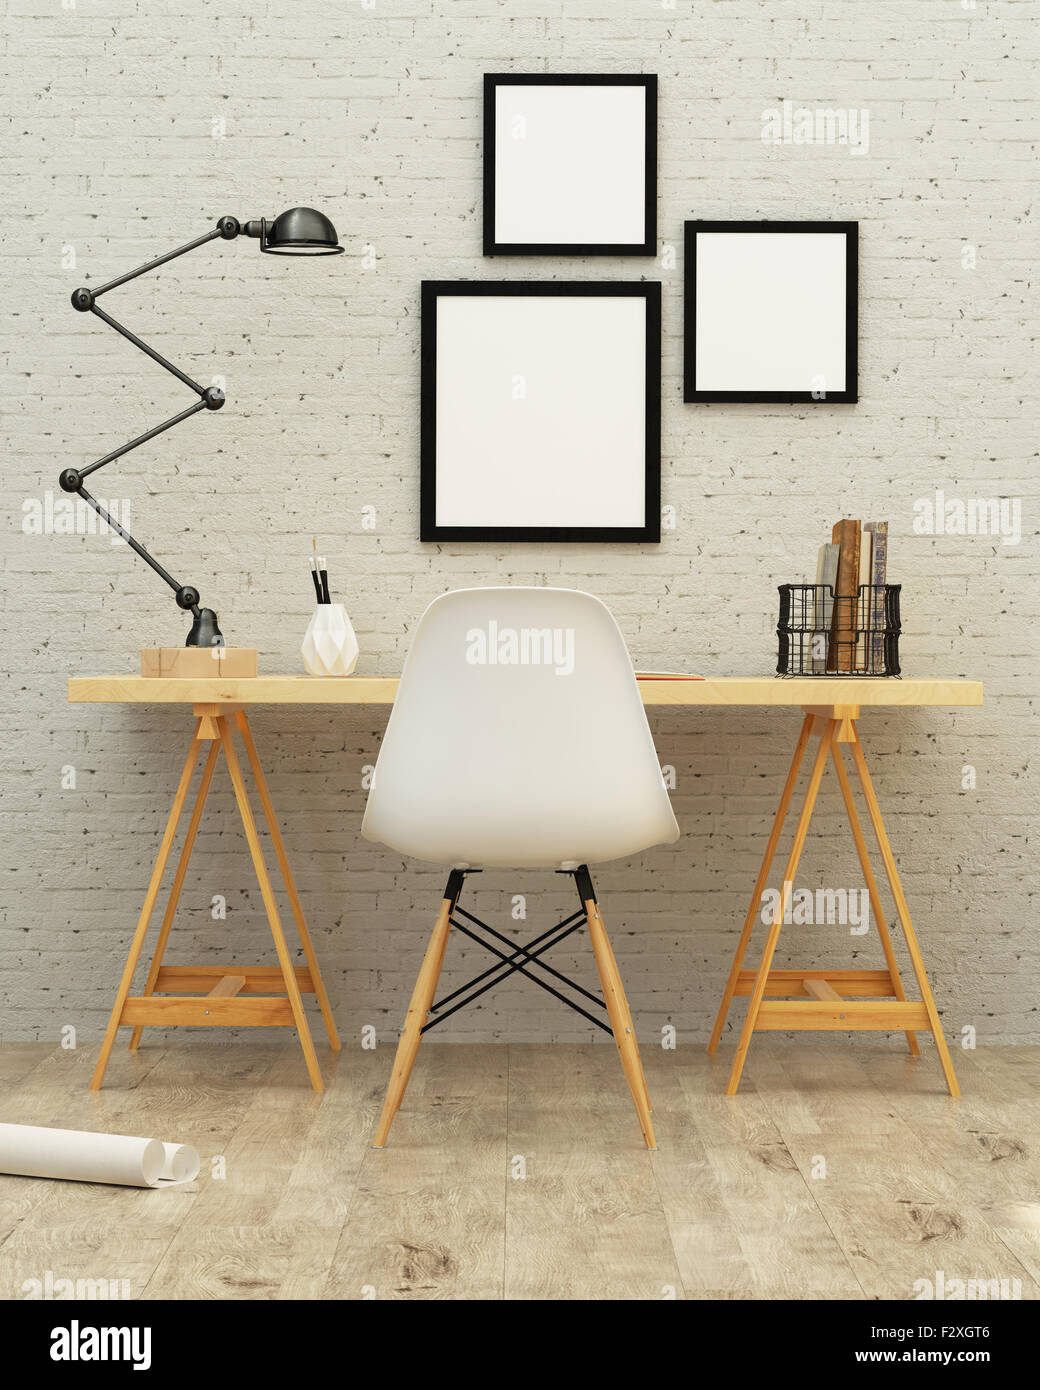 working room interior design 3d rendering - Stock Image